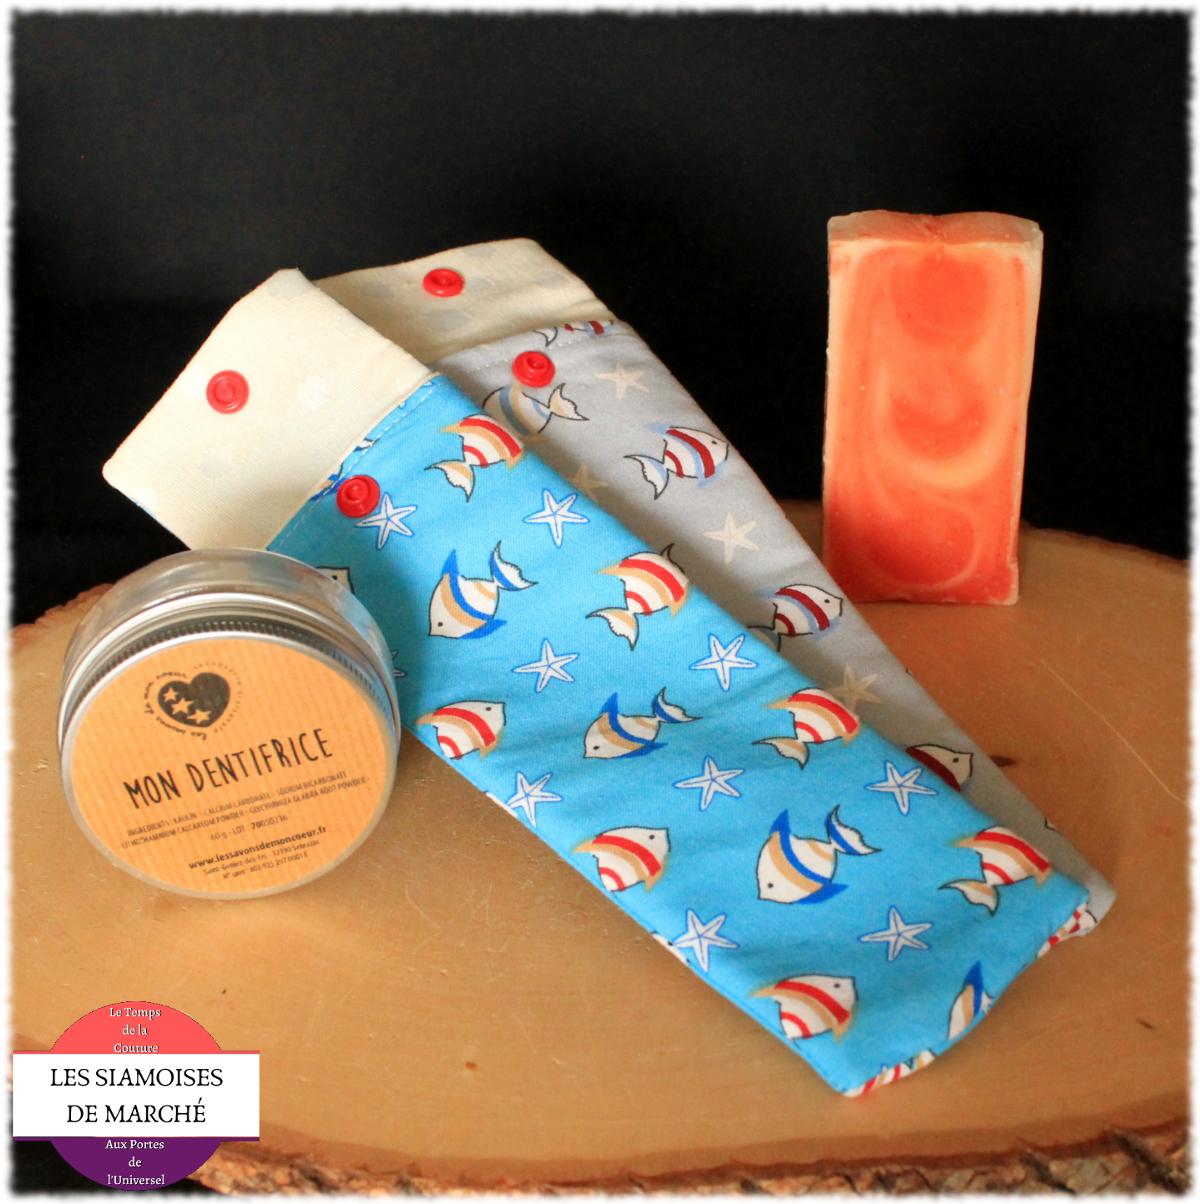 Lot Zéro déchet : 1 pochette à brosse à dent, un dentifrice en poudre naturel et un savon SAF